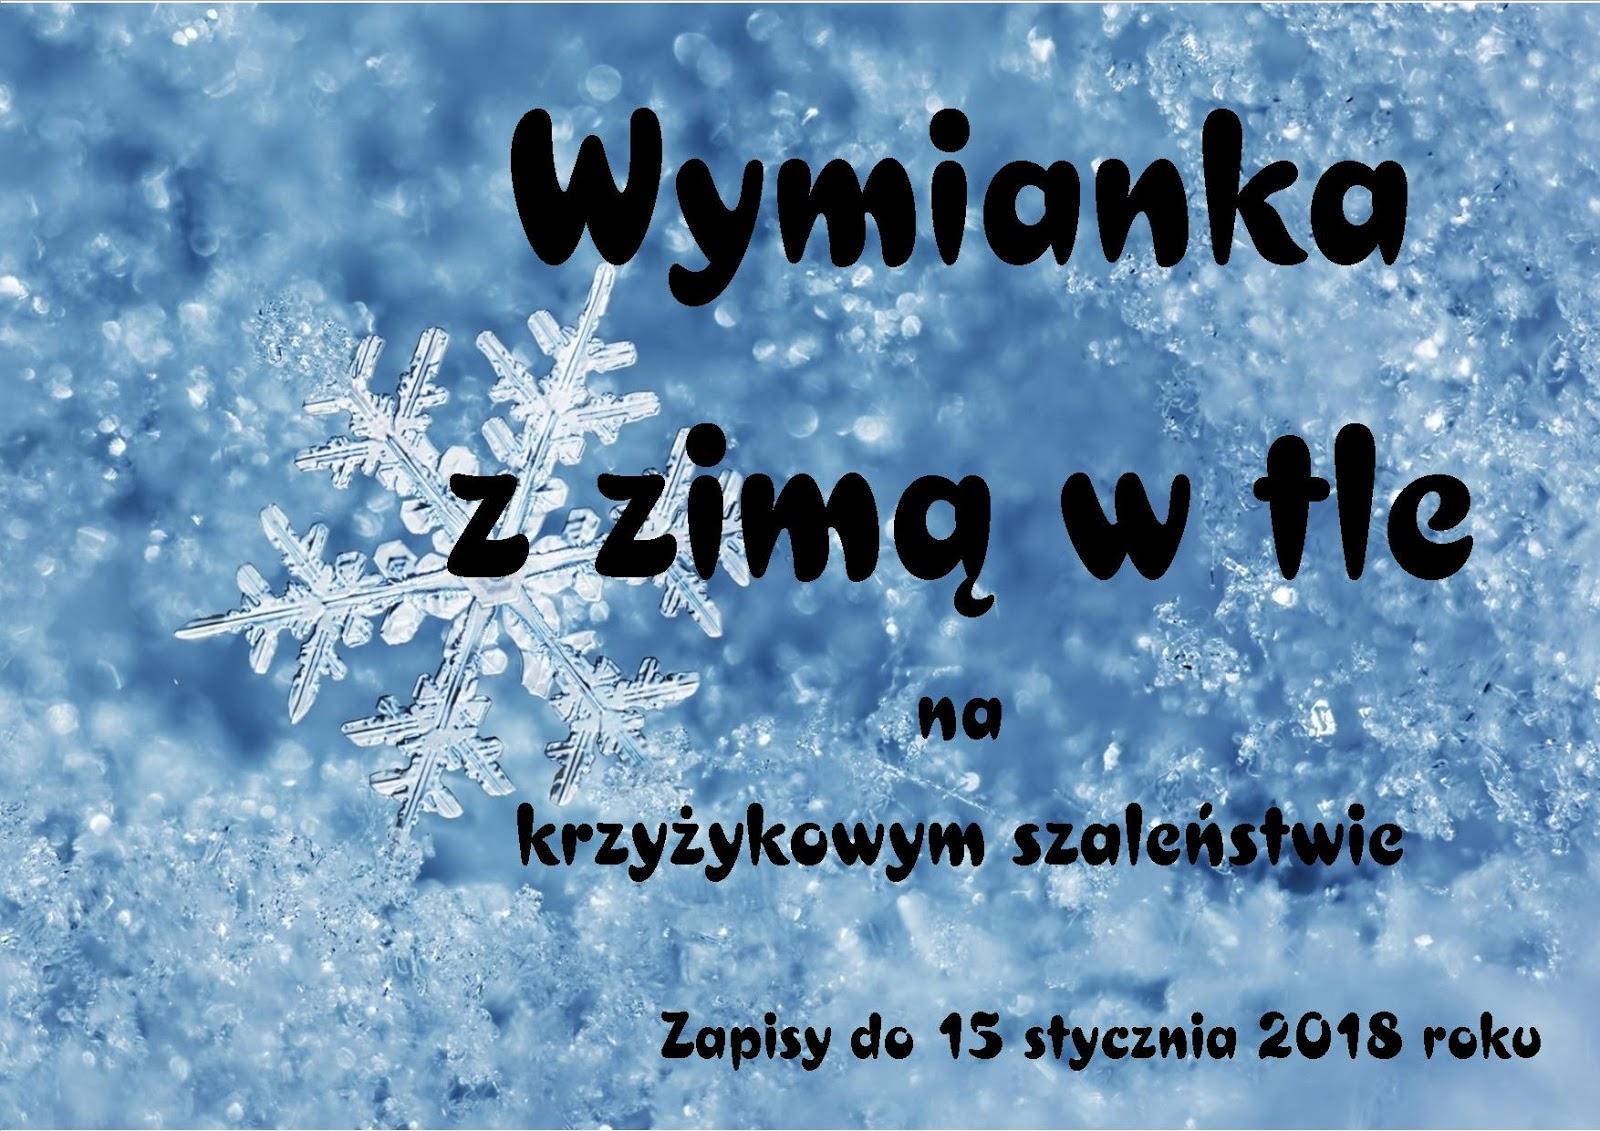 Wymianka z zimą w tle :)